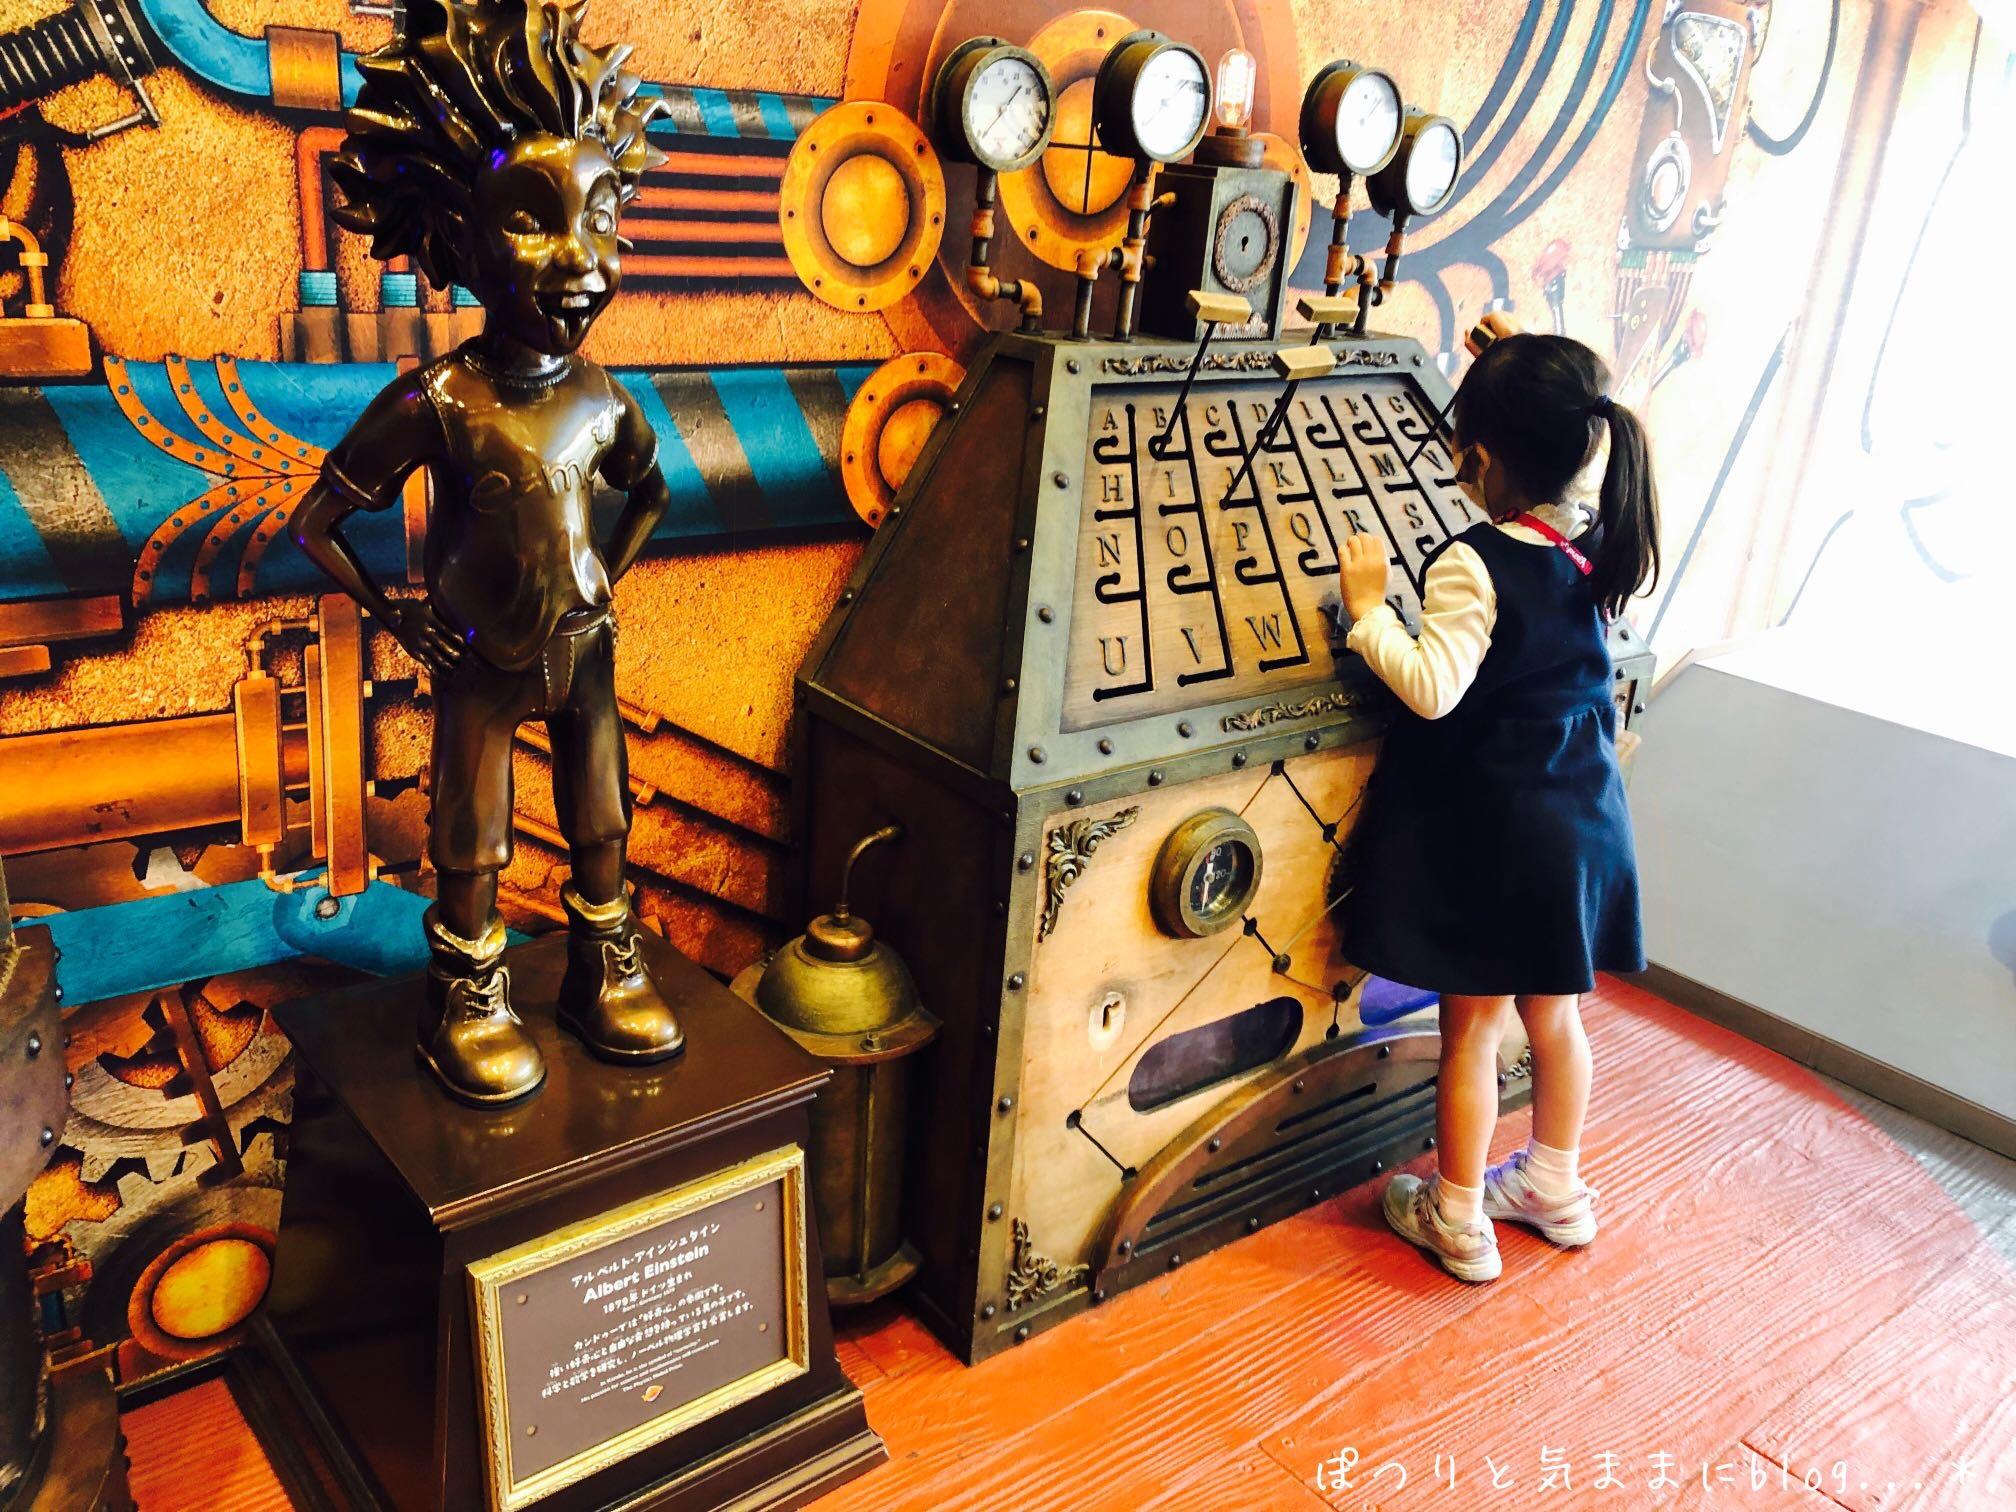 好奇心の象徴「アインシュタイン」の横で次女、好奇心を発揮中